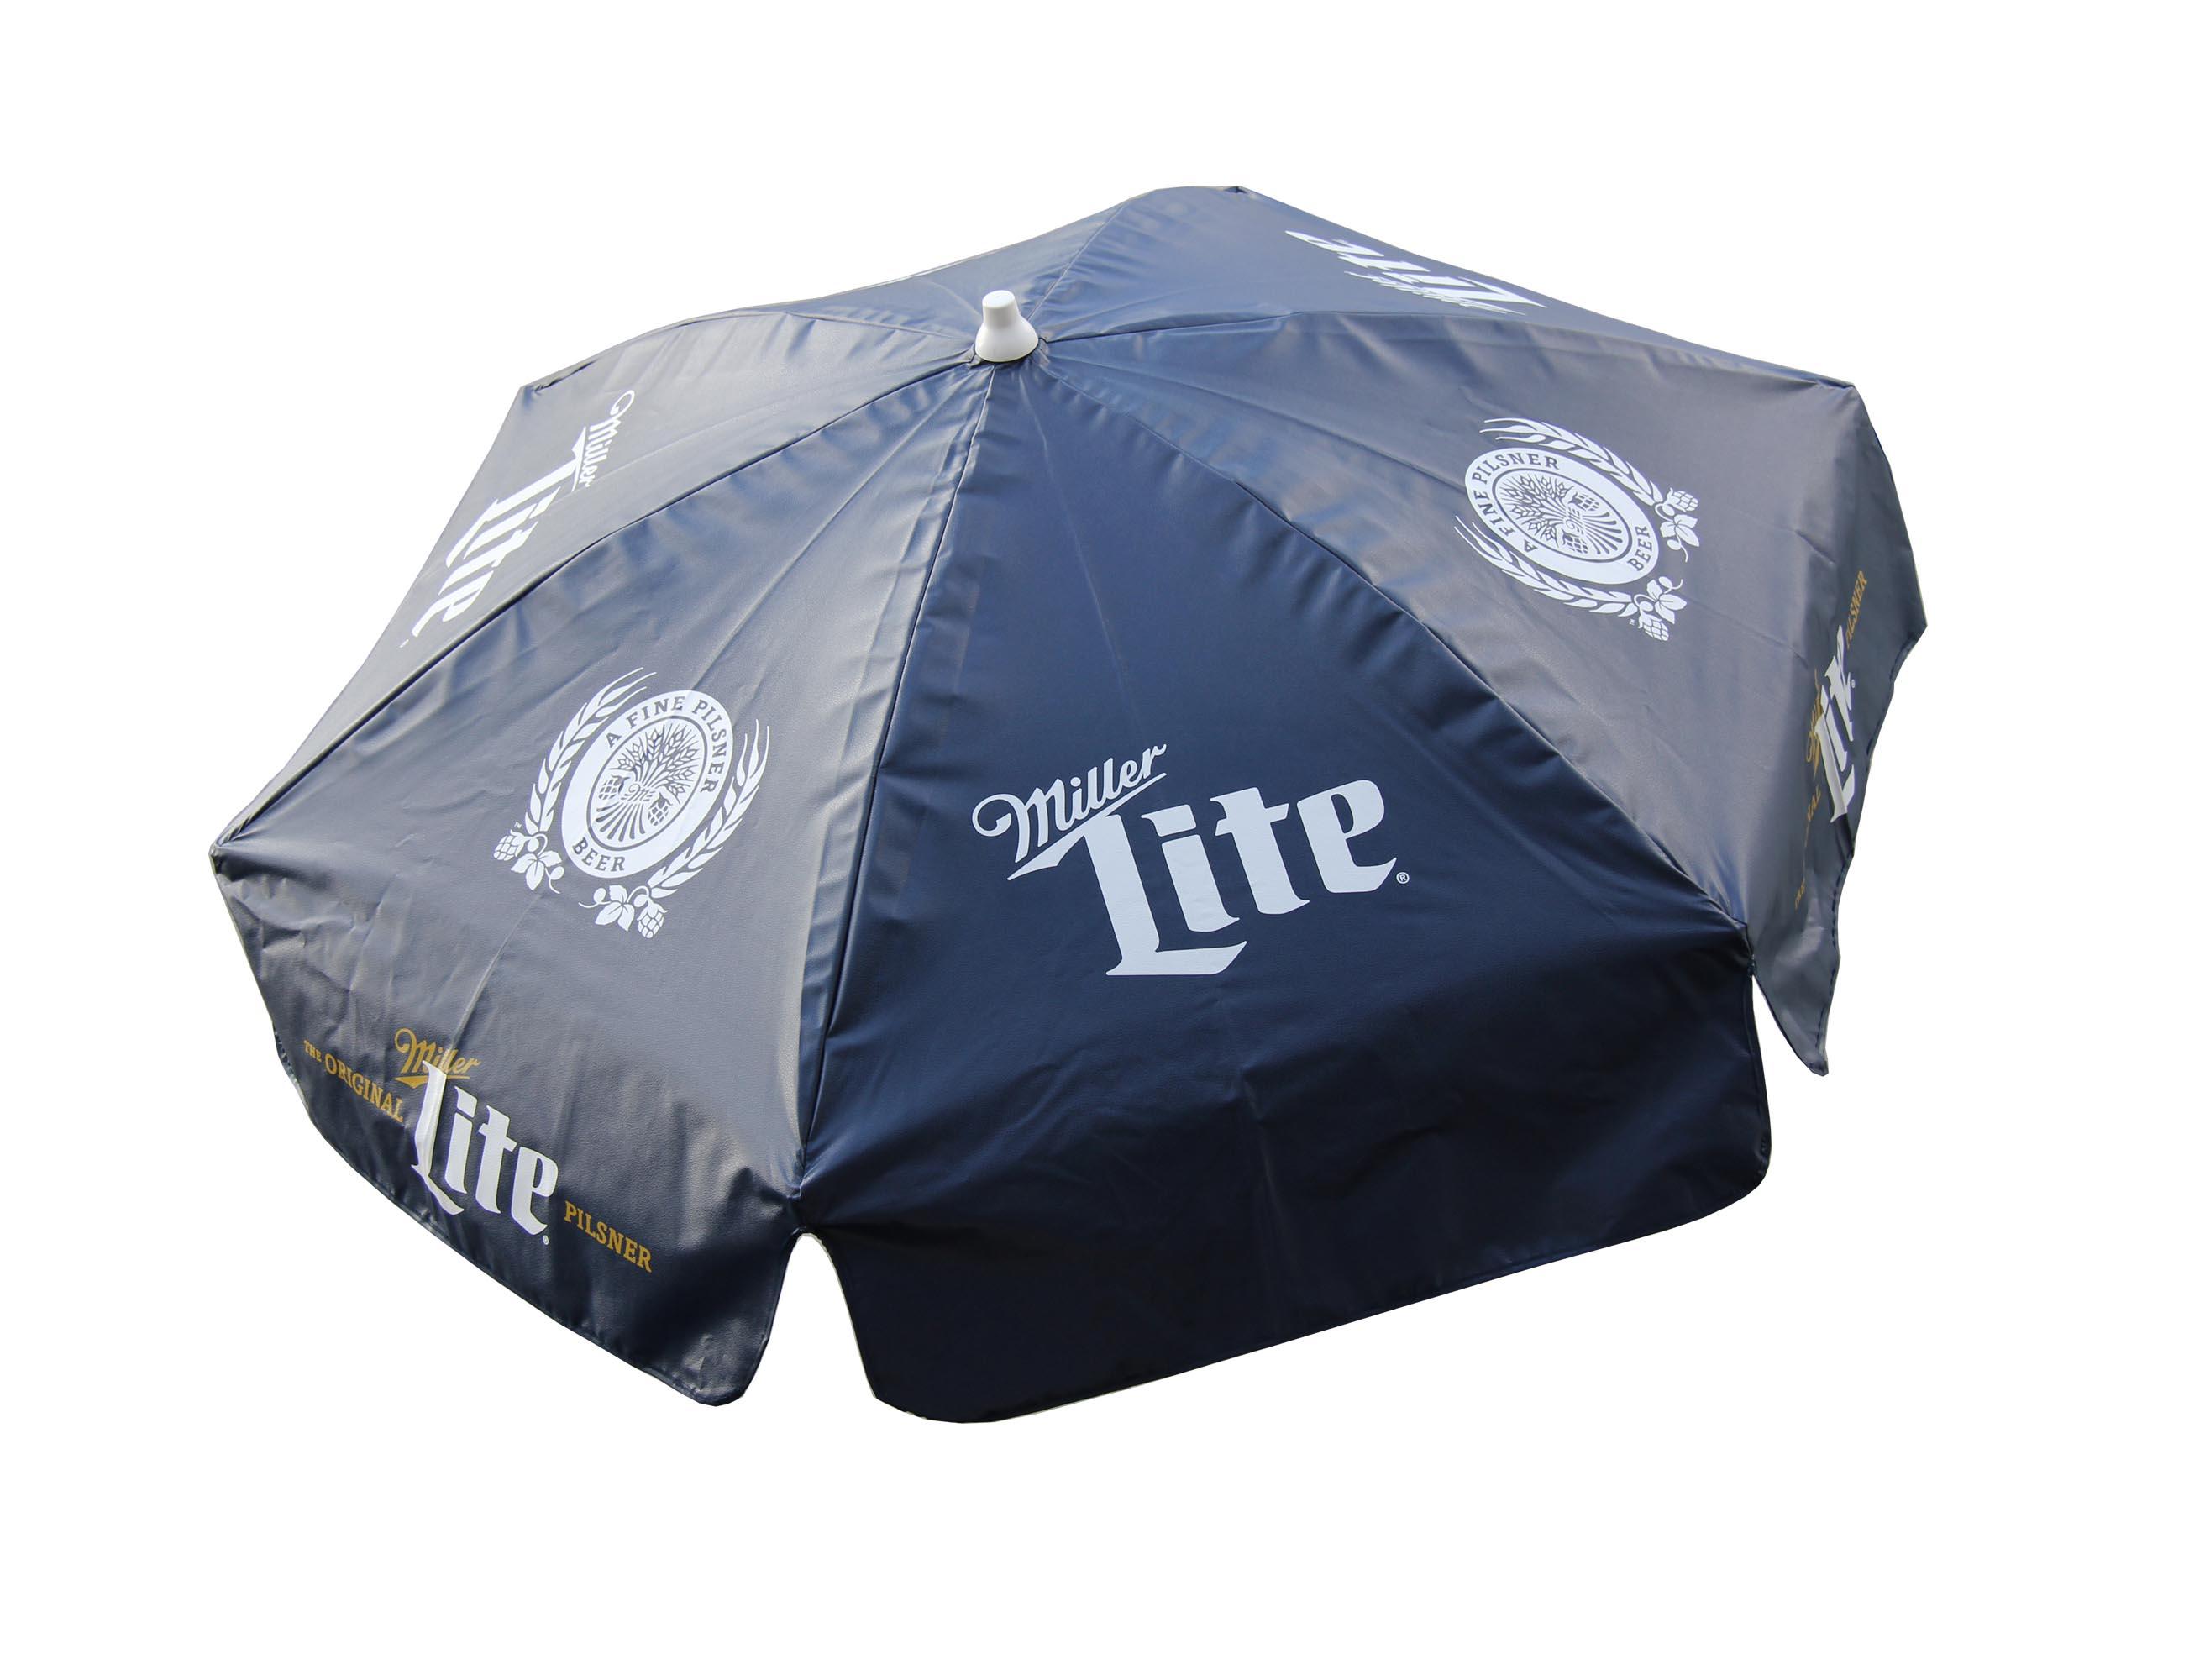 6u0027 Miller Lite Vinyl Beer Patio Umbrella